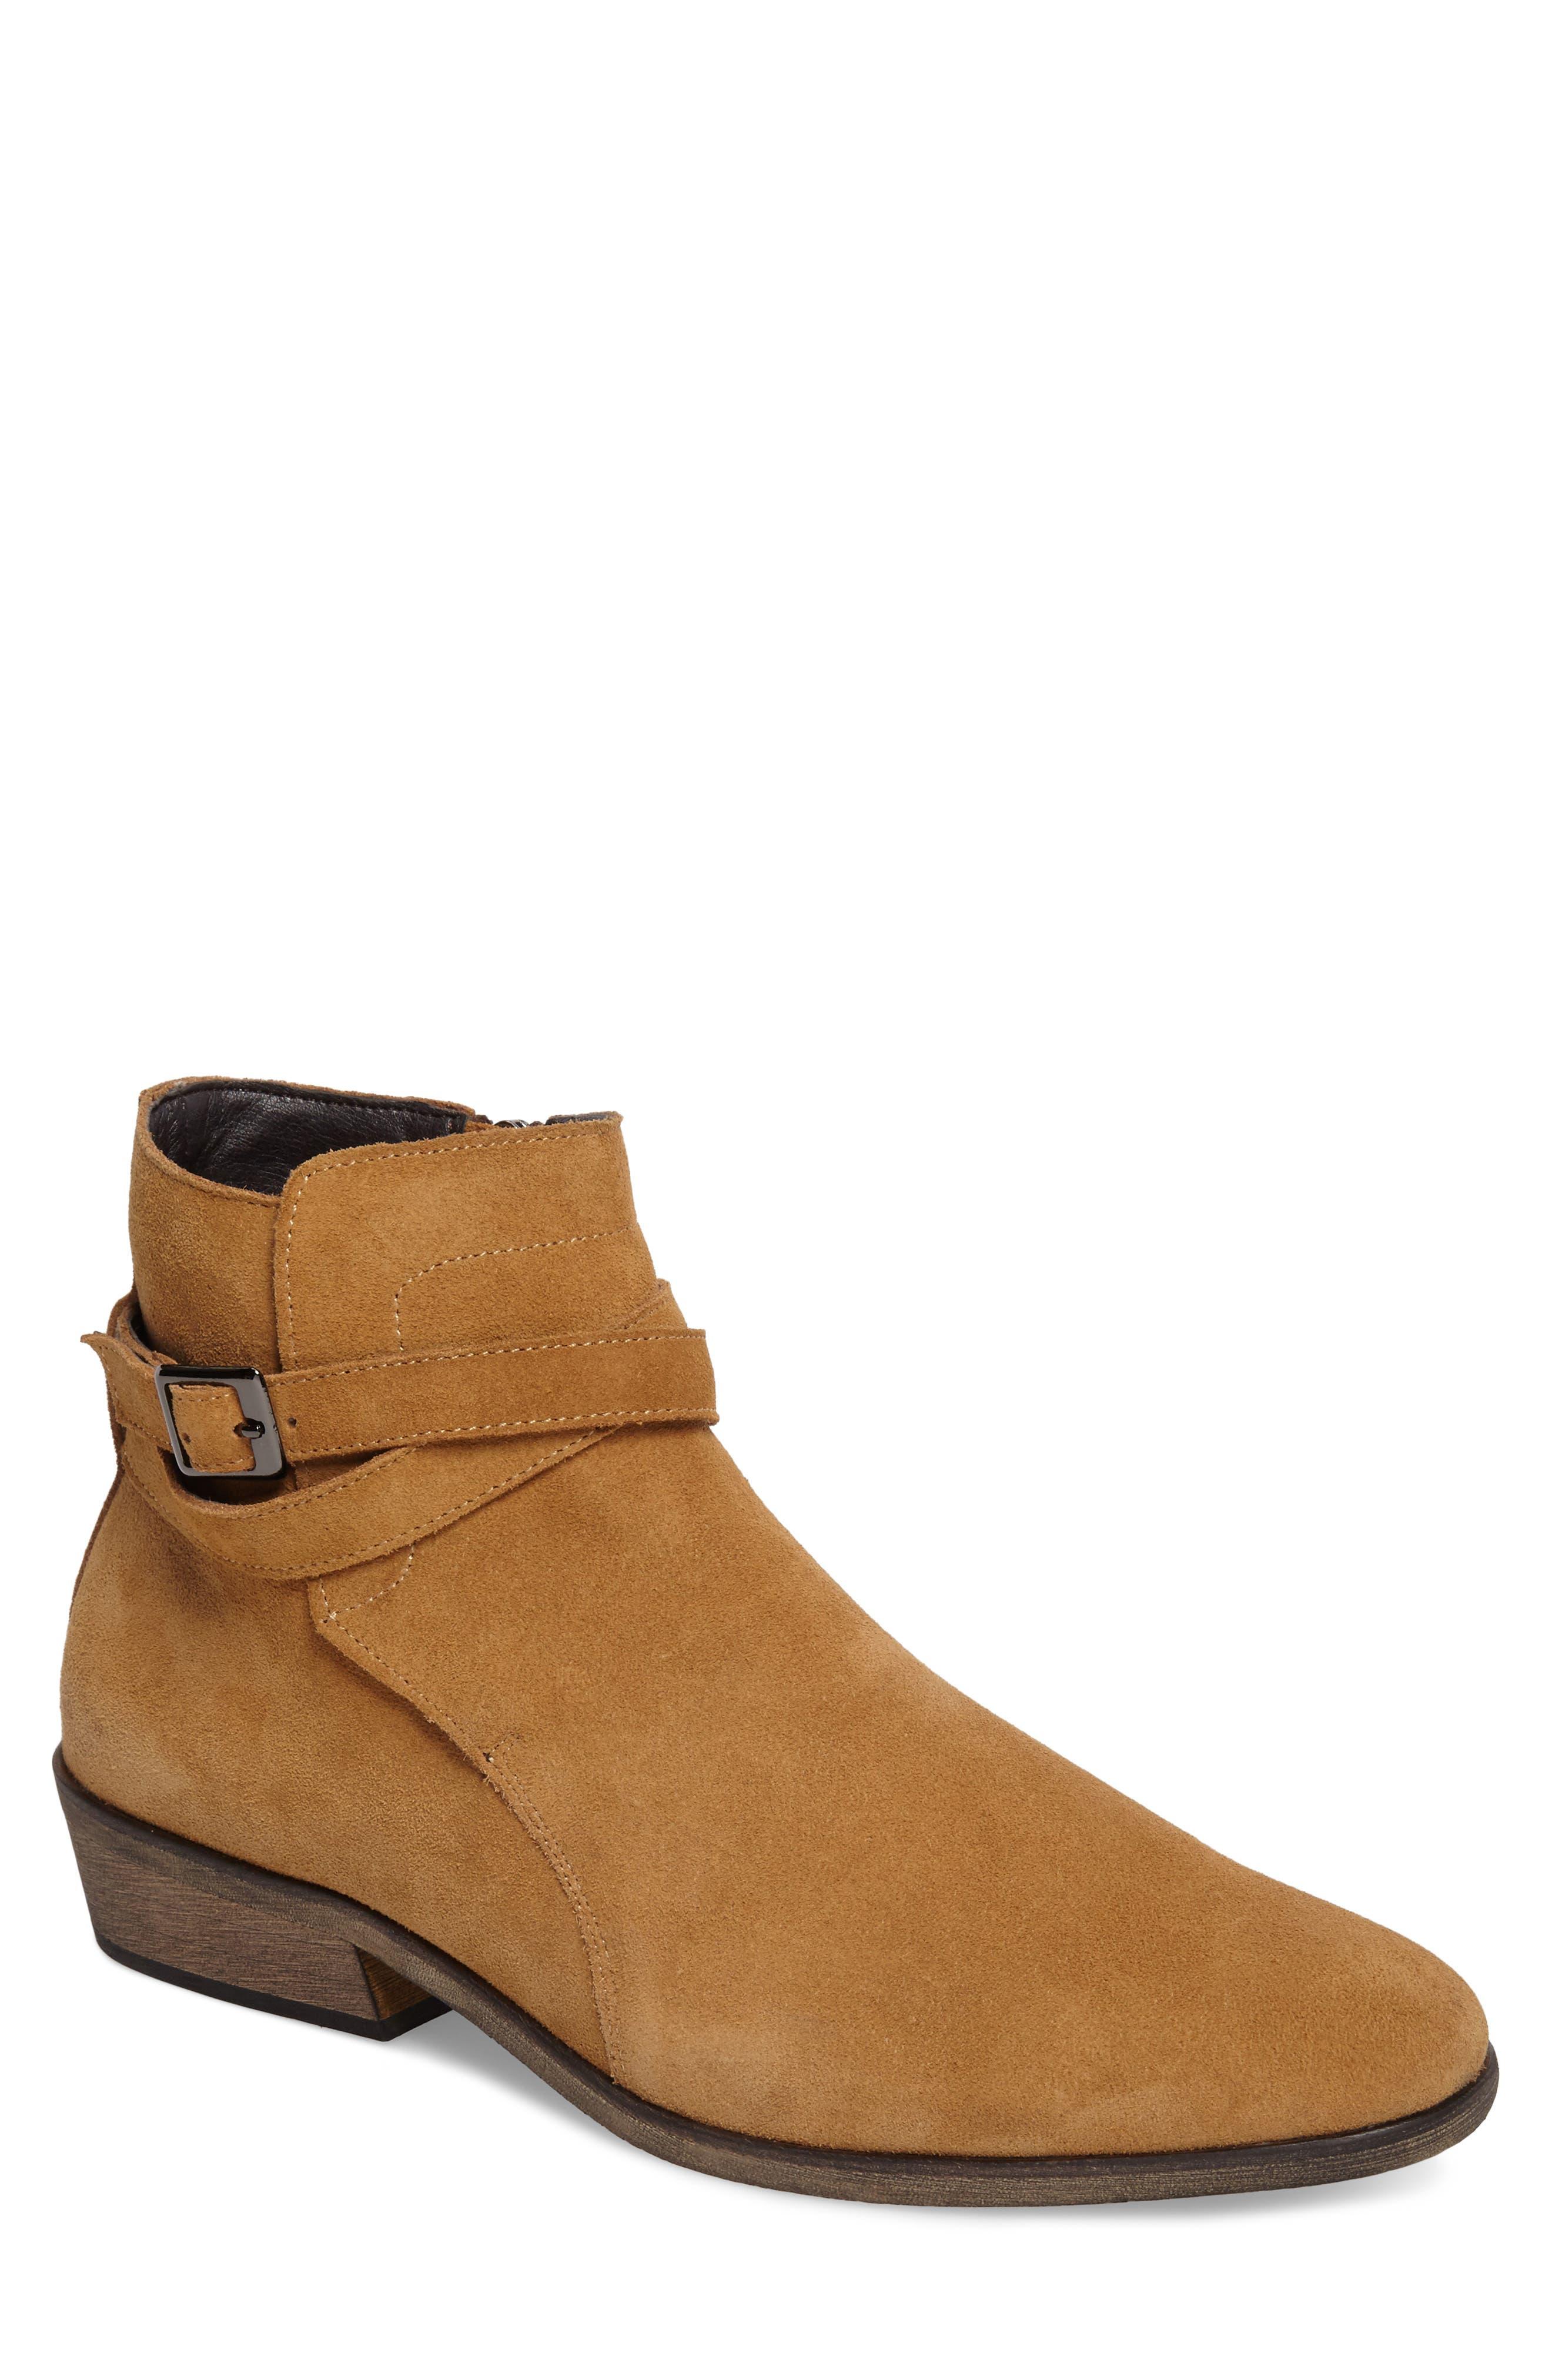 Main Image - The Rail Seneca Zip Boot (Men)